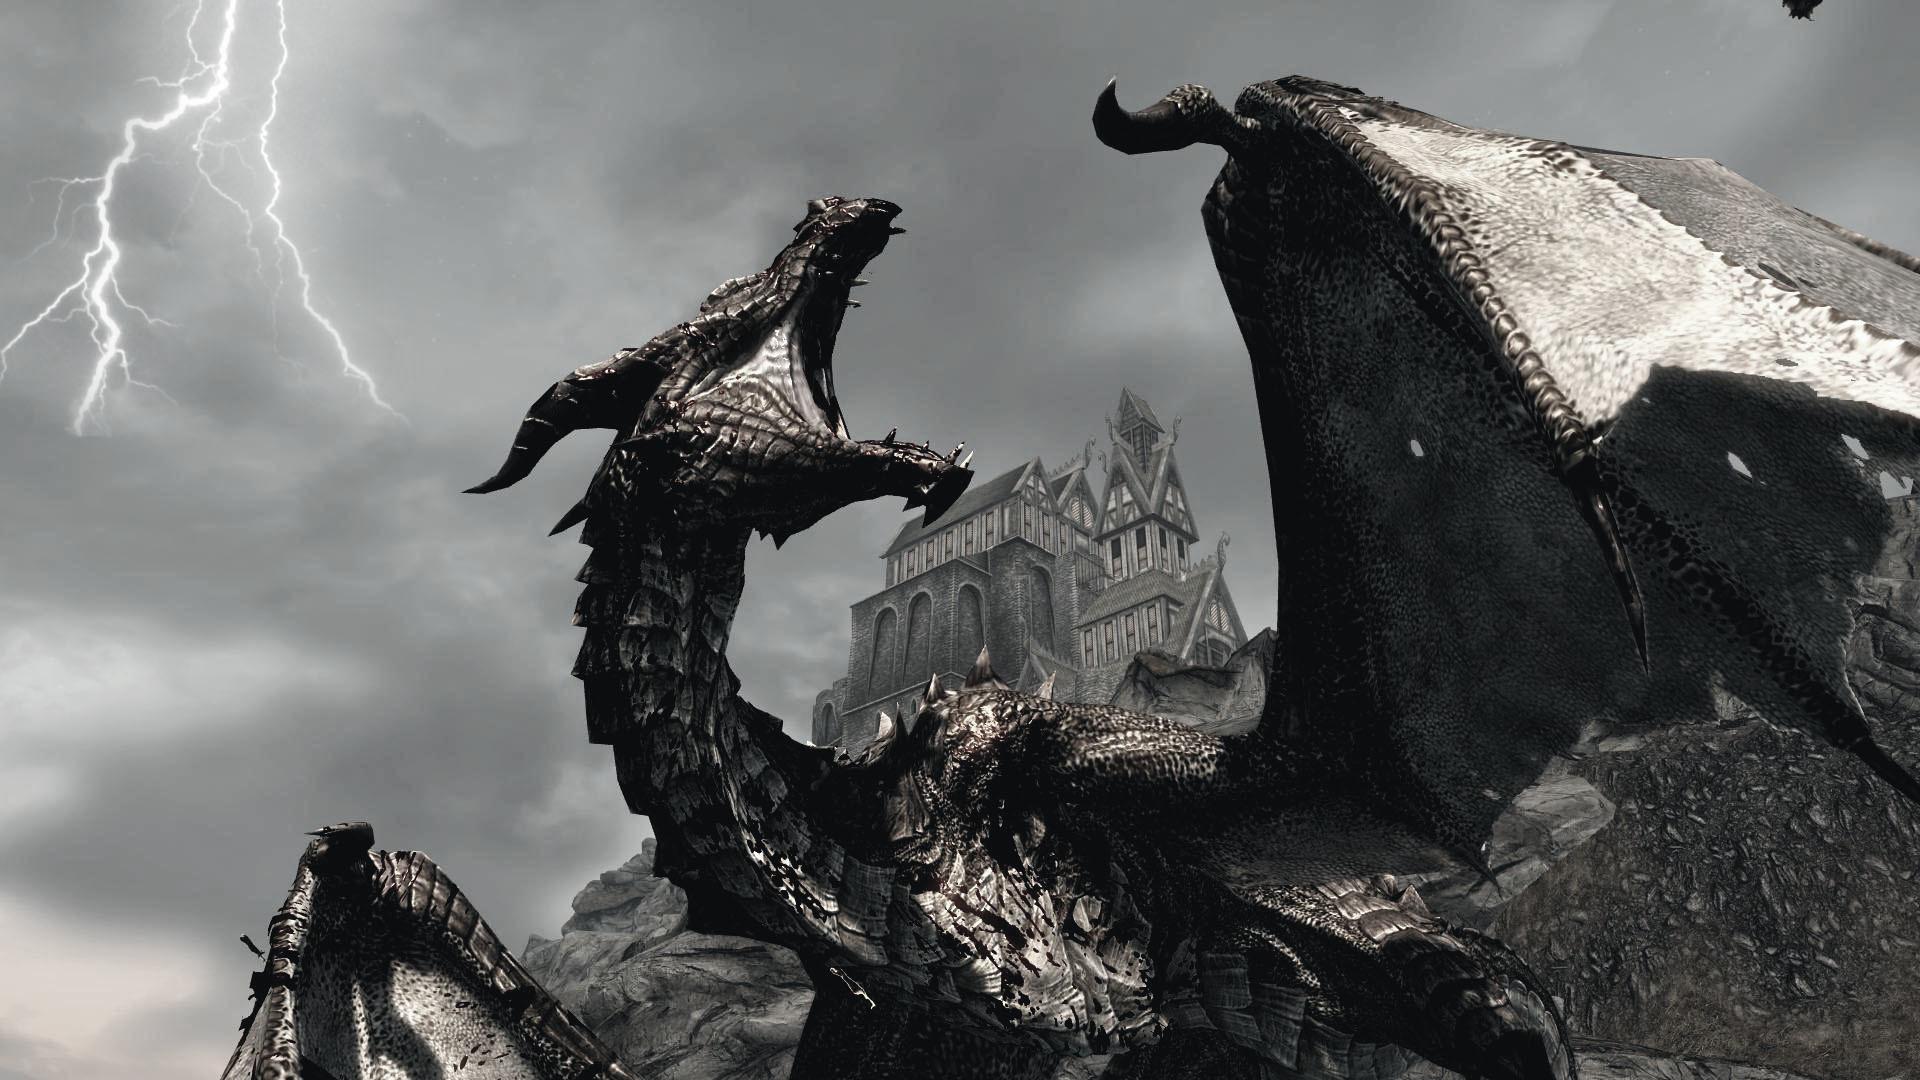 Dragon Skyrim Wallpaper HD